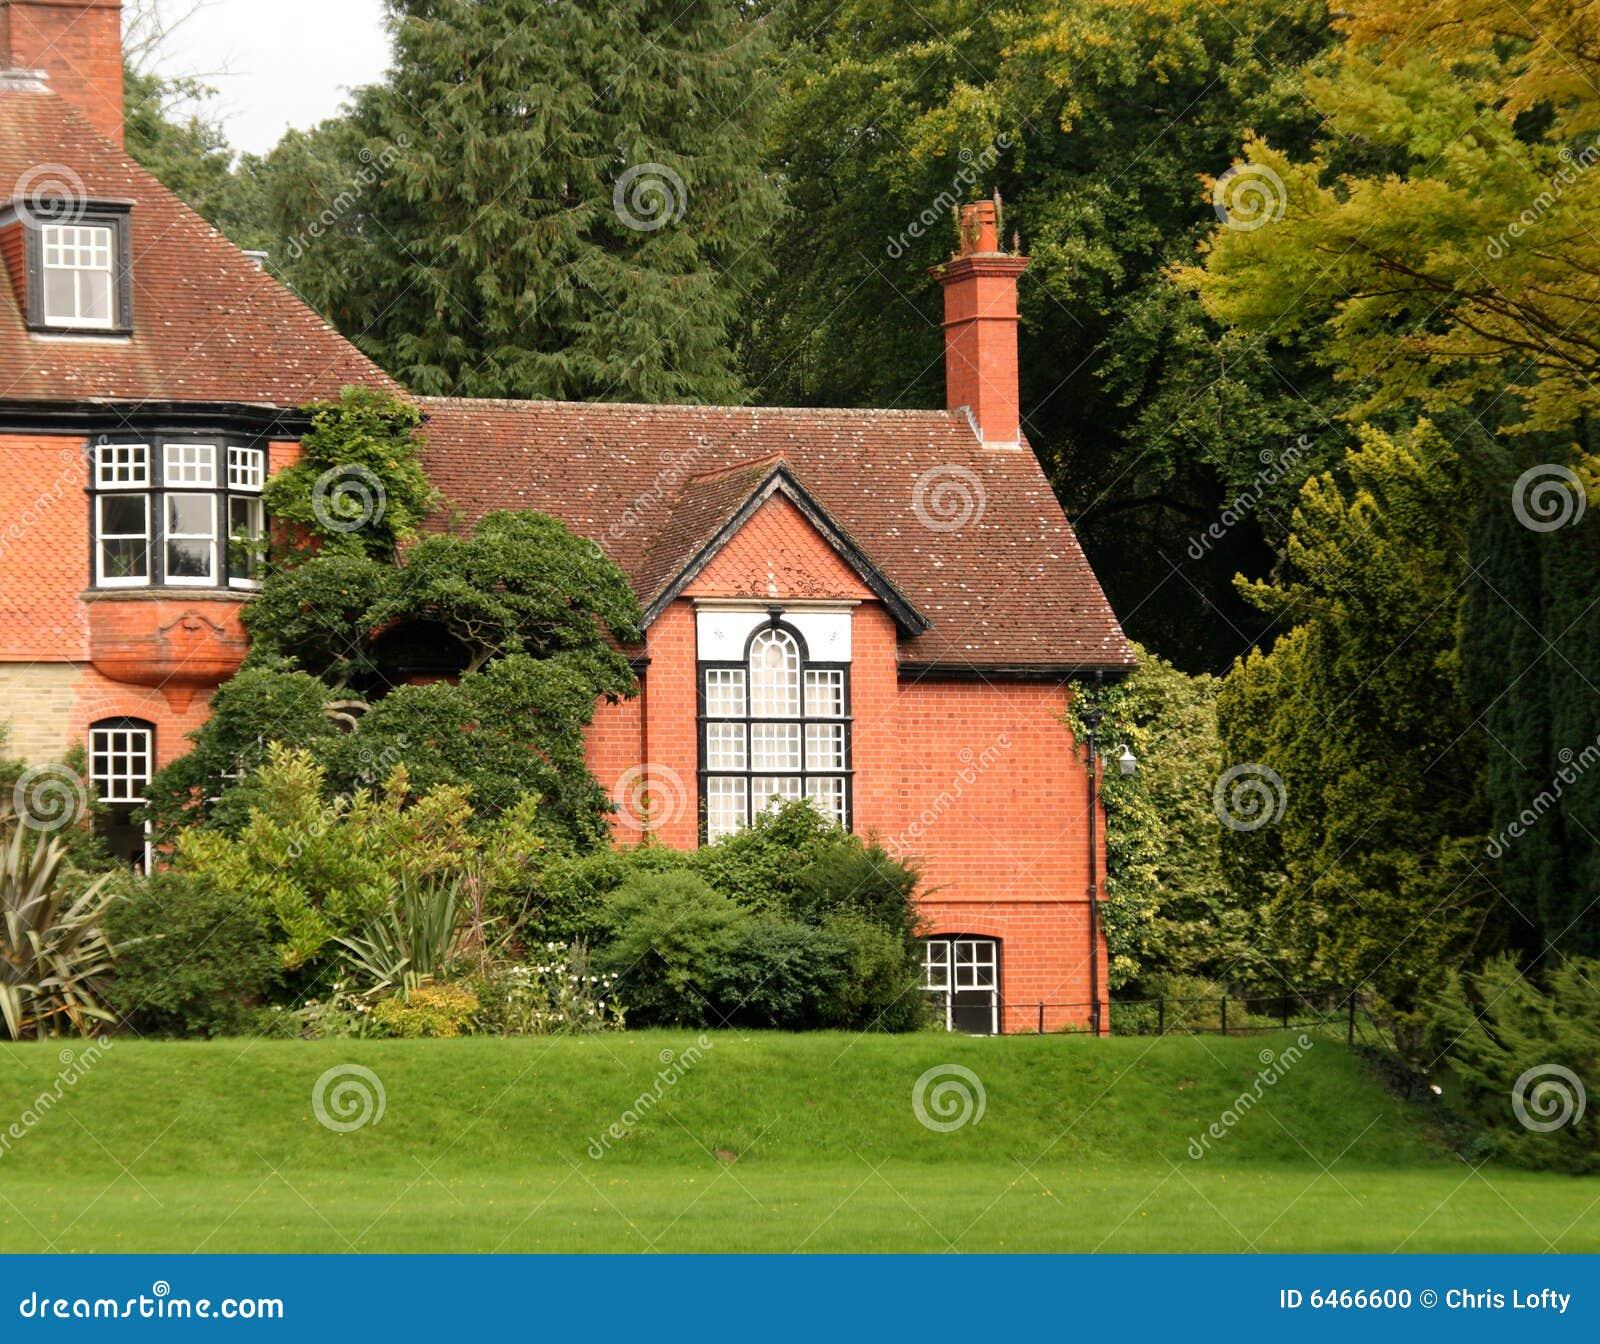 Casa di campagna e giardino inglesi fotografia stock immagine di europa paesaggio 6466600 - Giardino di campagna ...